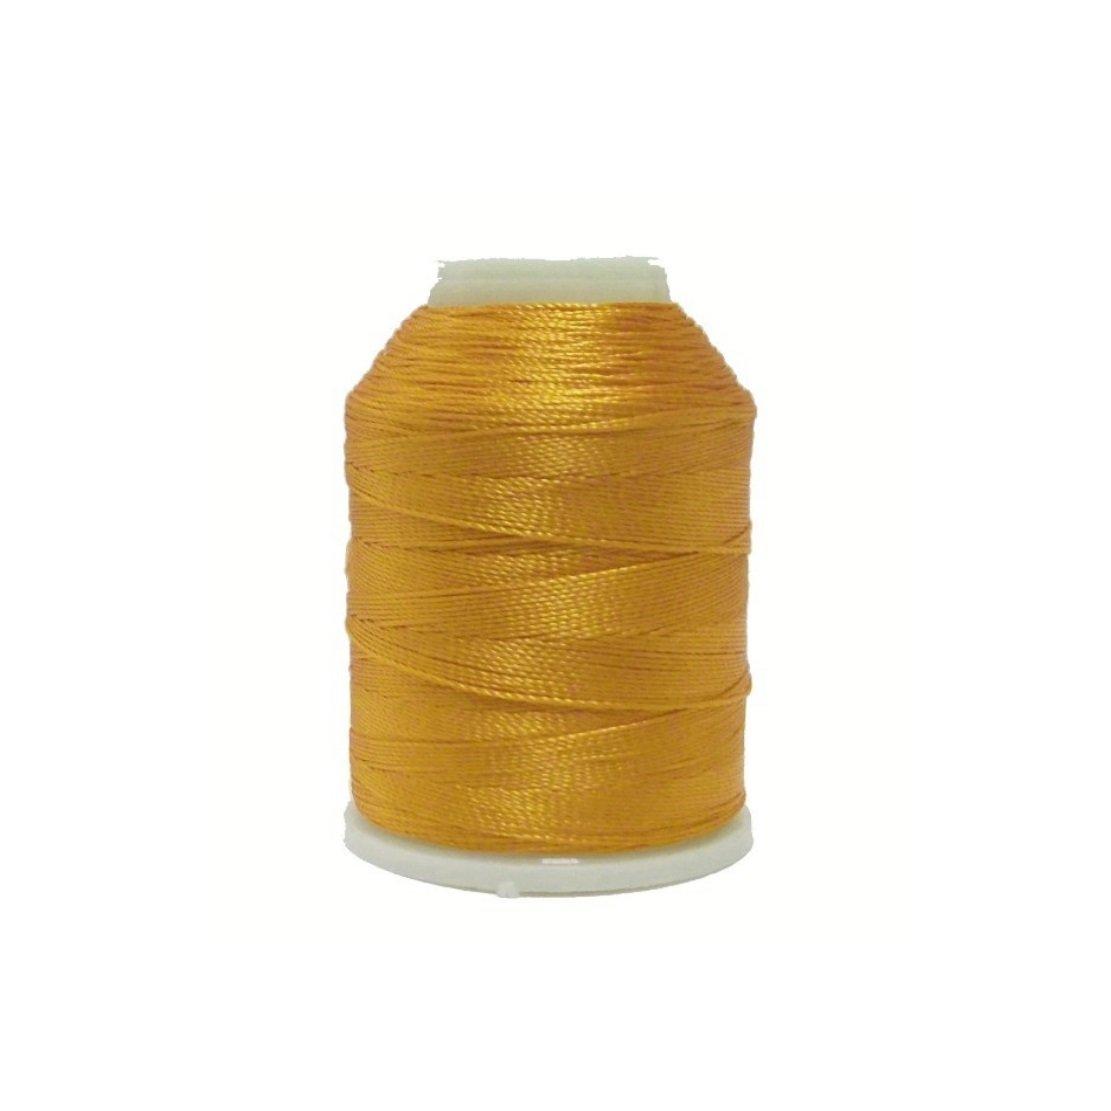 altinbasak 20/G filato per uncinetto Filati 300/m 6/prese 0,75/mm Nr 50/poliestere filato per uncinetto faedeln naehgarne 300/m Giallo Ocra IP41